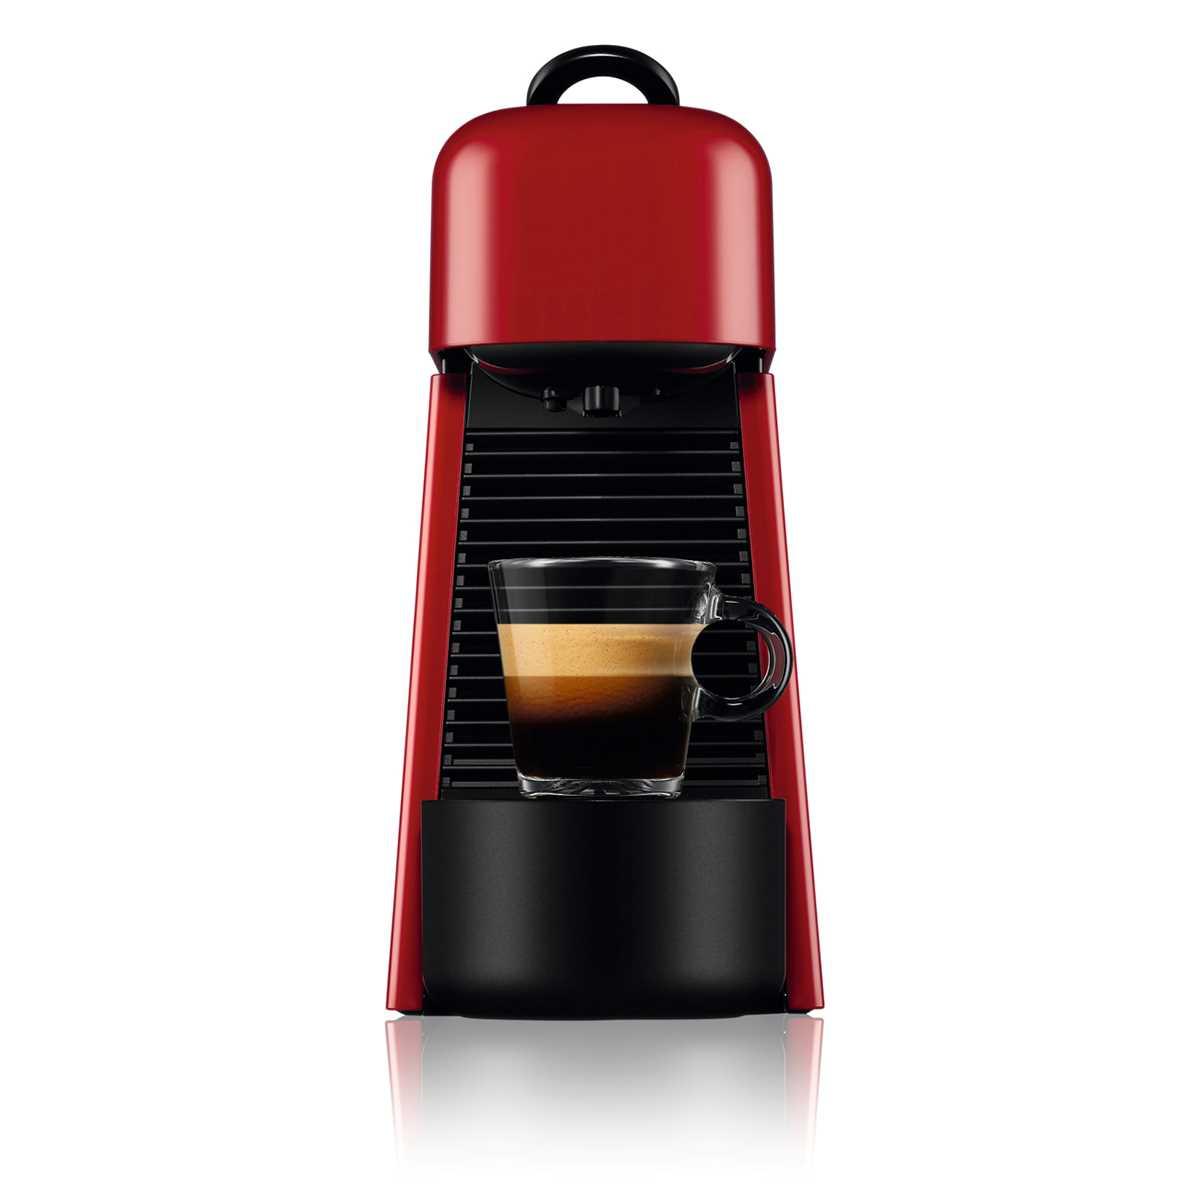 מכונת אספרסו Nespresso Essenza D45 Plus נספרסו - צבע אדום - תמונה 2